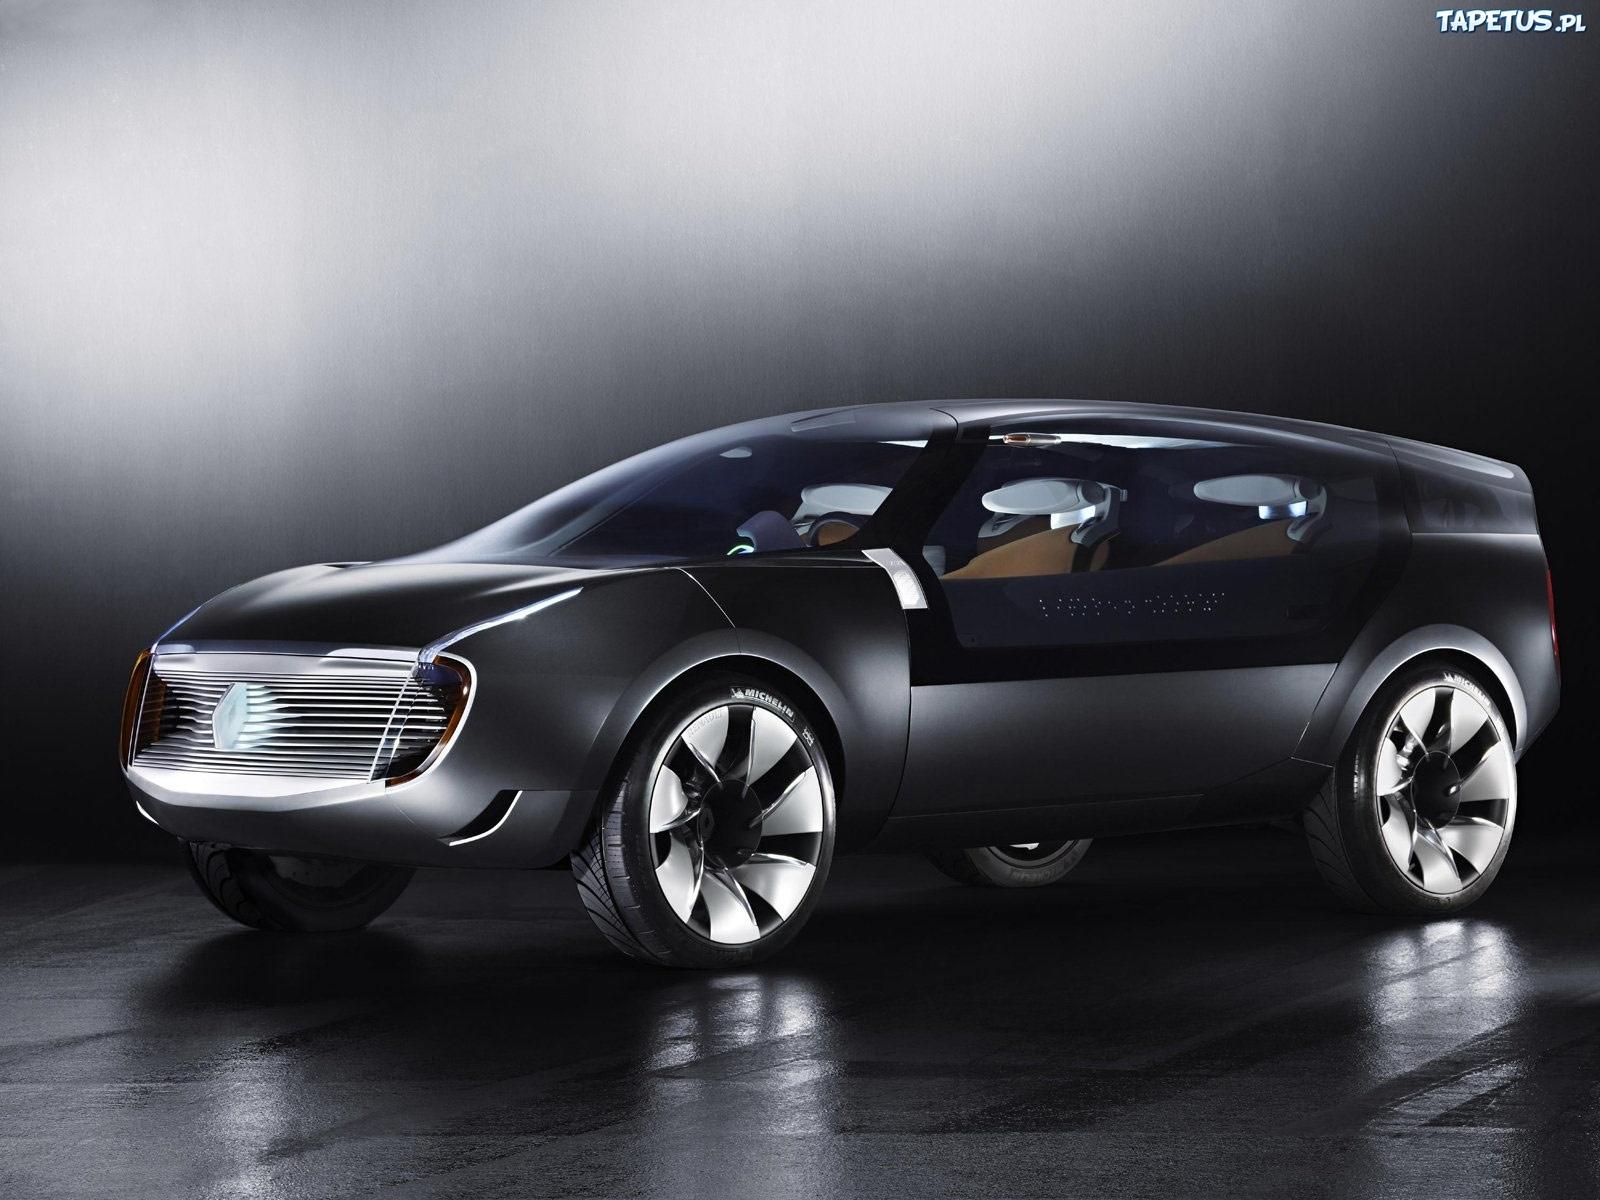 renault ondelios concept car. Black Bedroom Furniture Sets. Home Design Ideas